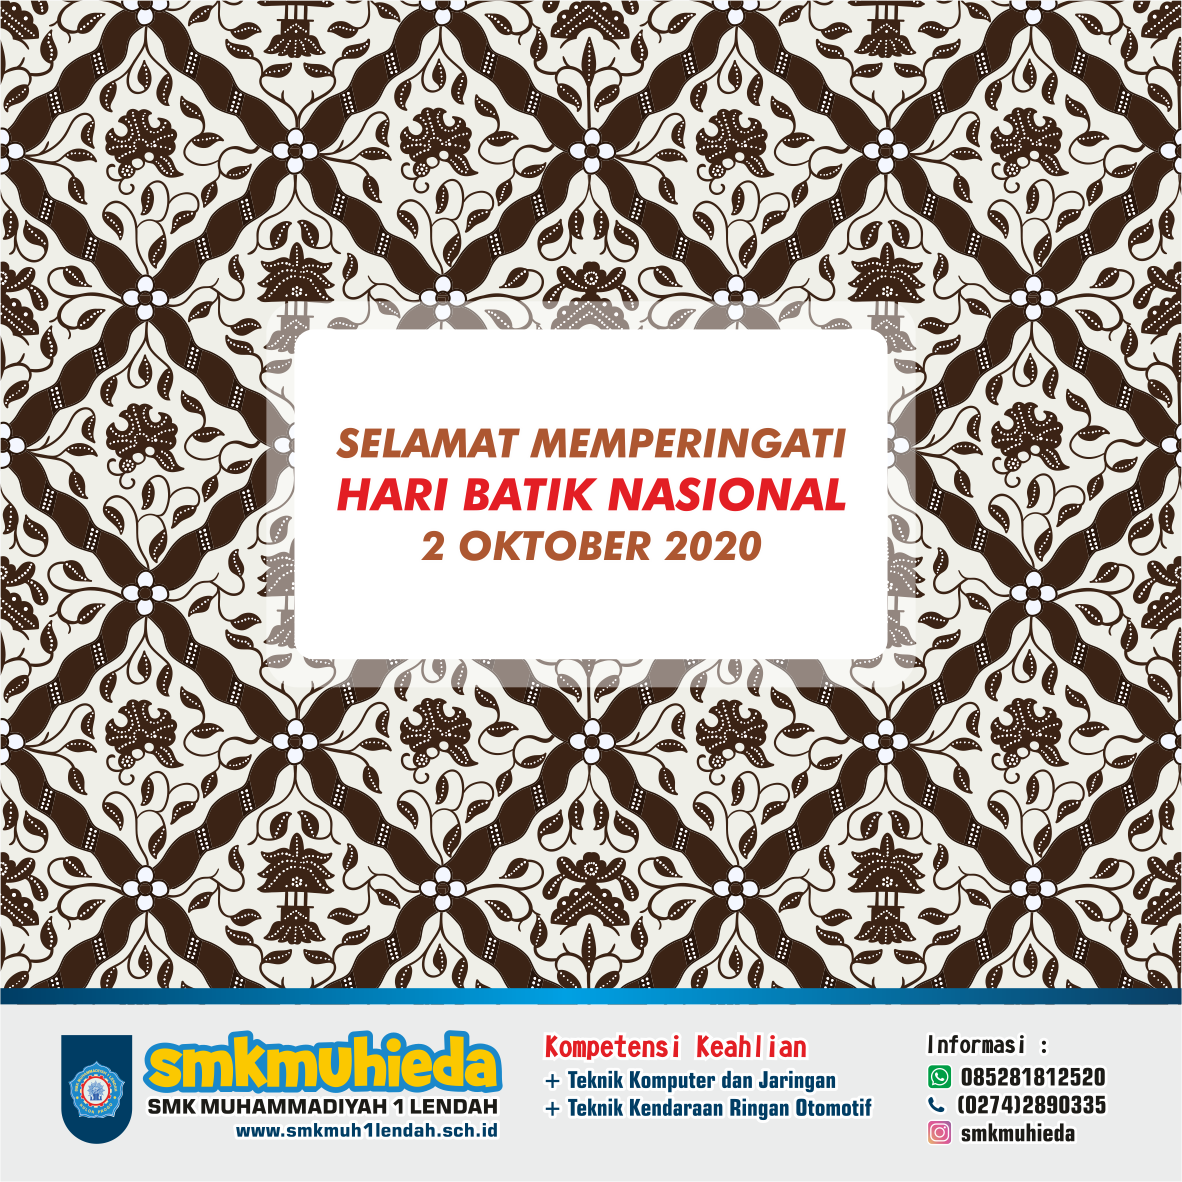 Selamat Hari Batik Nasional 2020